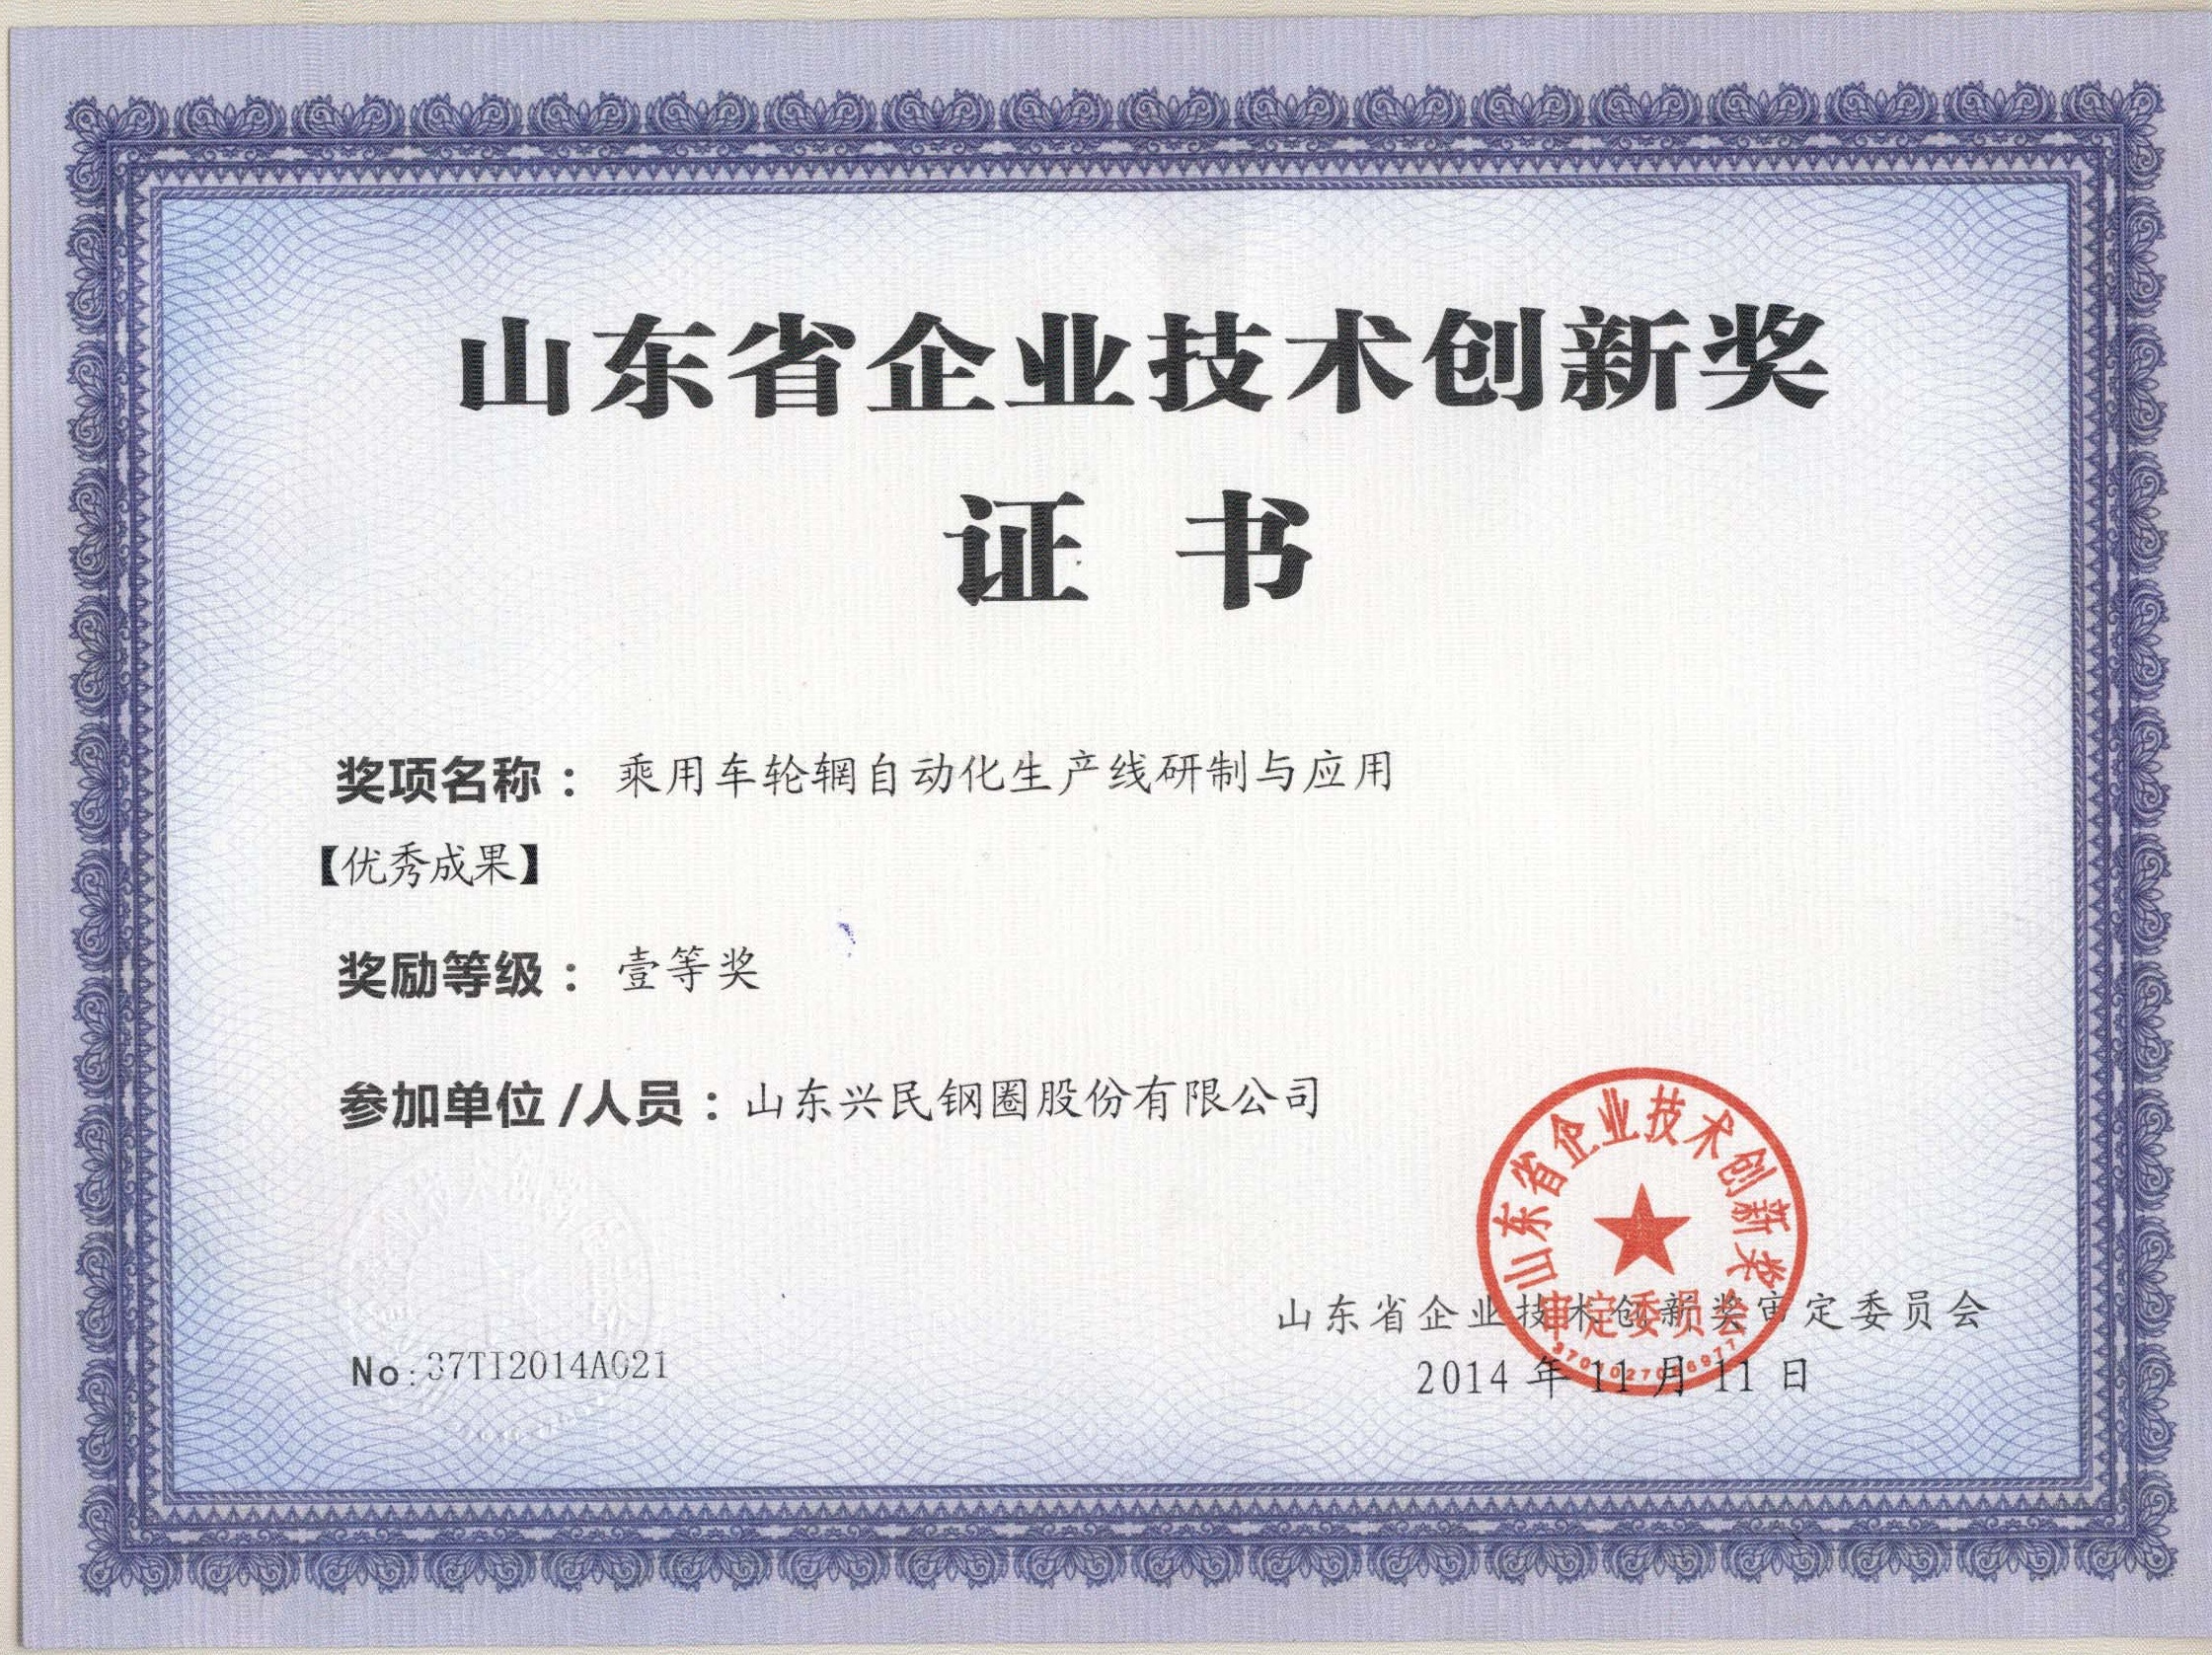 兴民钢圈获山东省企业技术创新奖